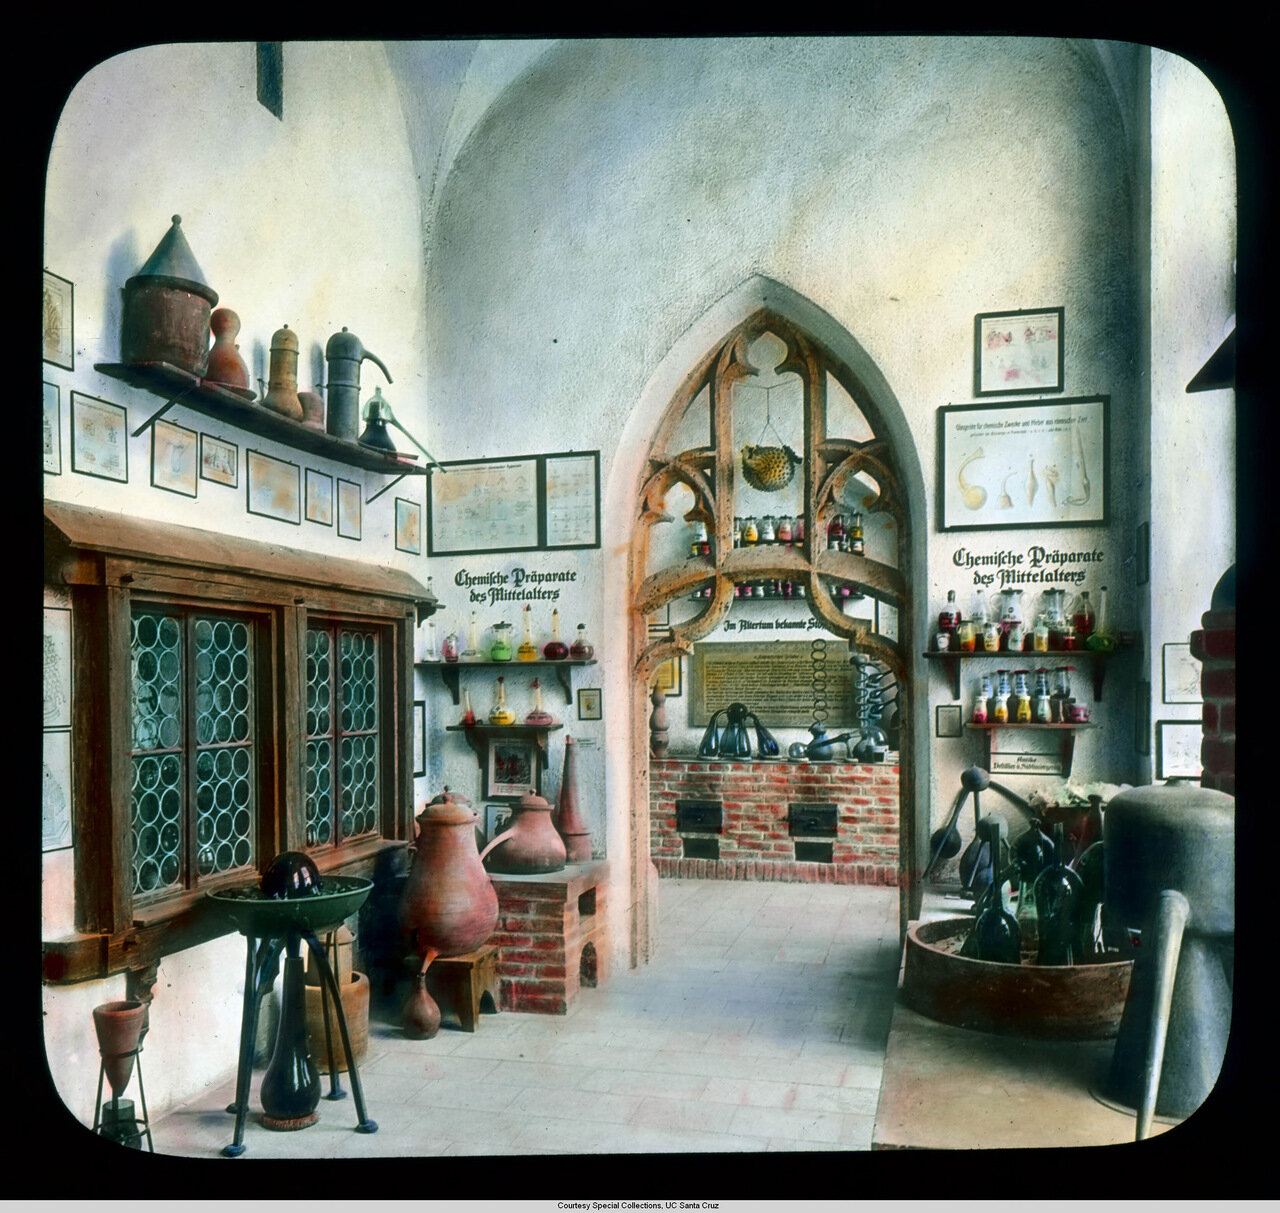 Мюнхен. Германский музей. Выставка средневековых химических инструментов